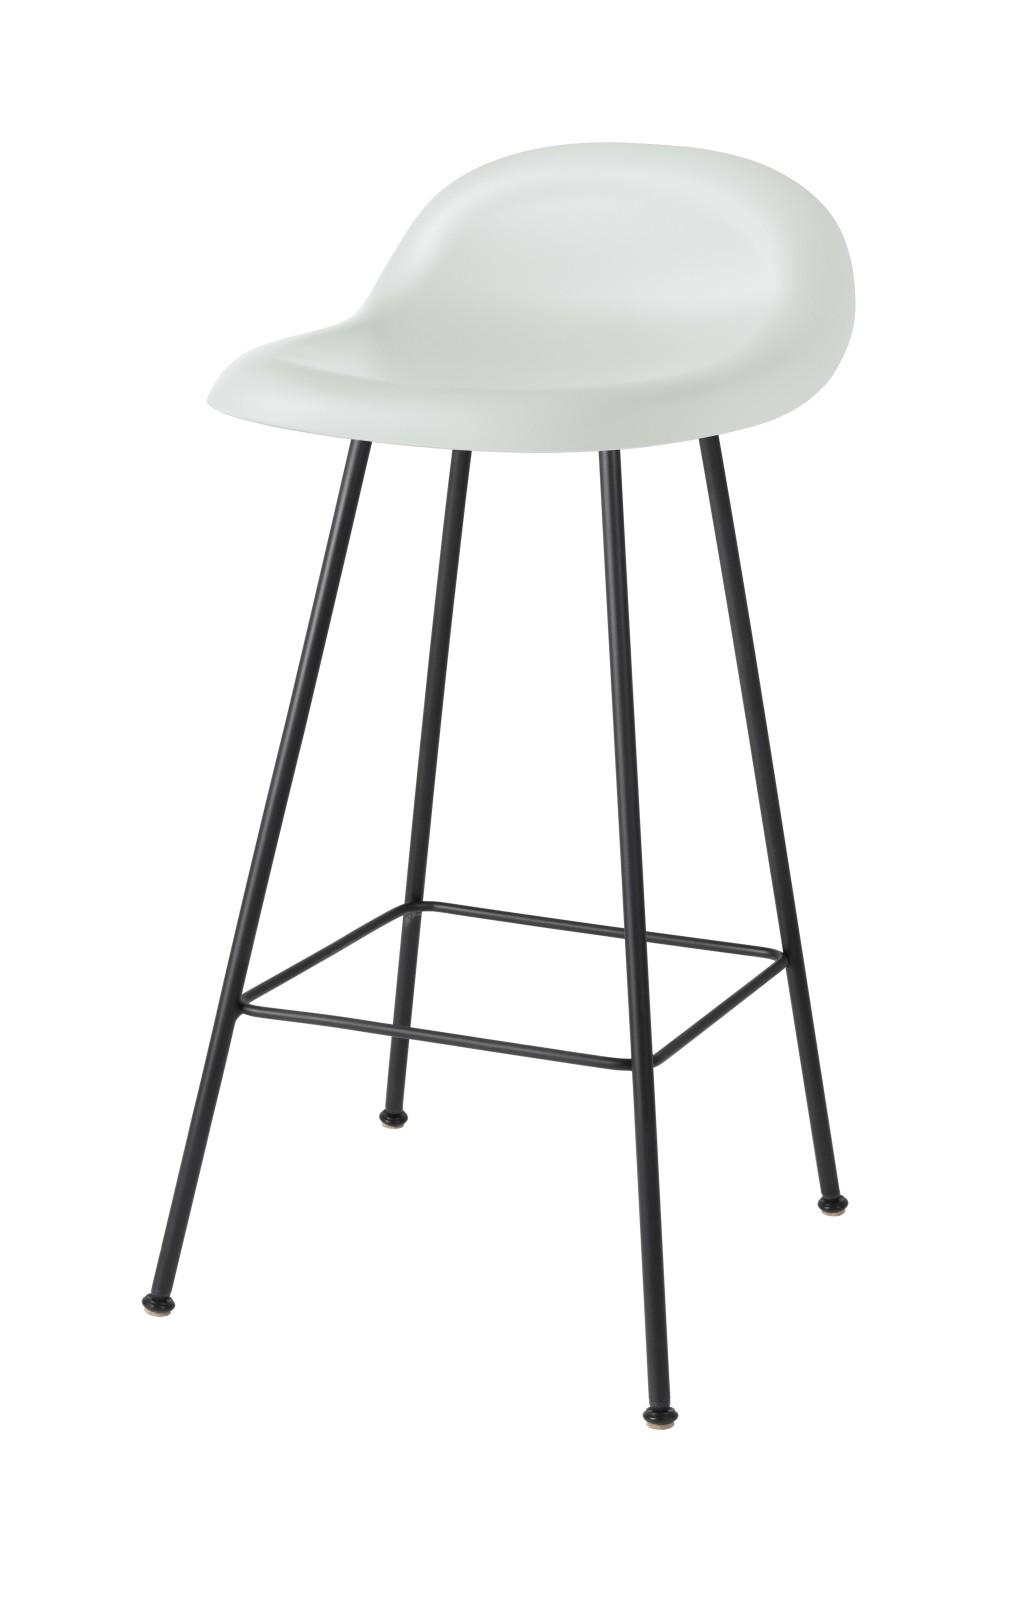 Gubi 3D Counter Stool Center Base - Unupholstered Gubi HiRek White Cloud